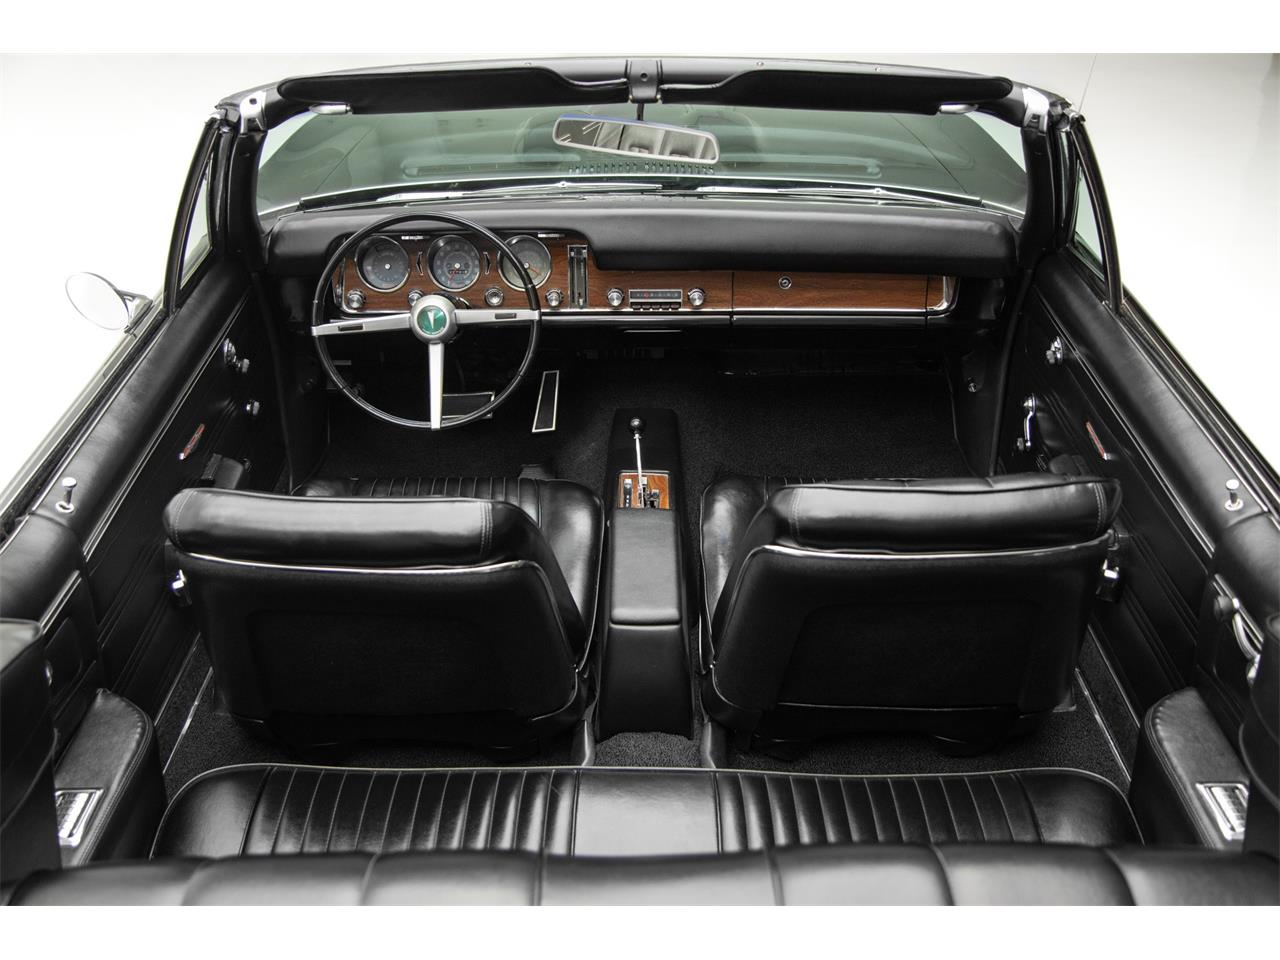 Large Picture of Classic '68 GTO located in Iowa - $59,900.00 - PKMI